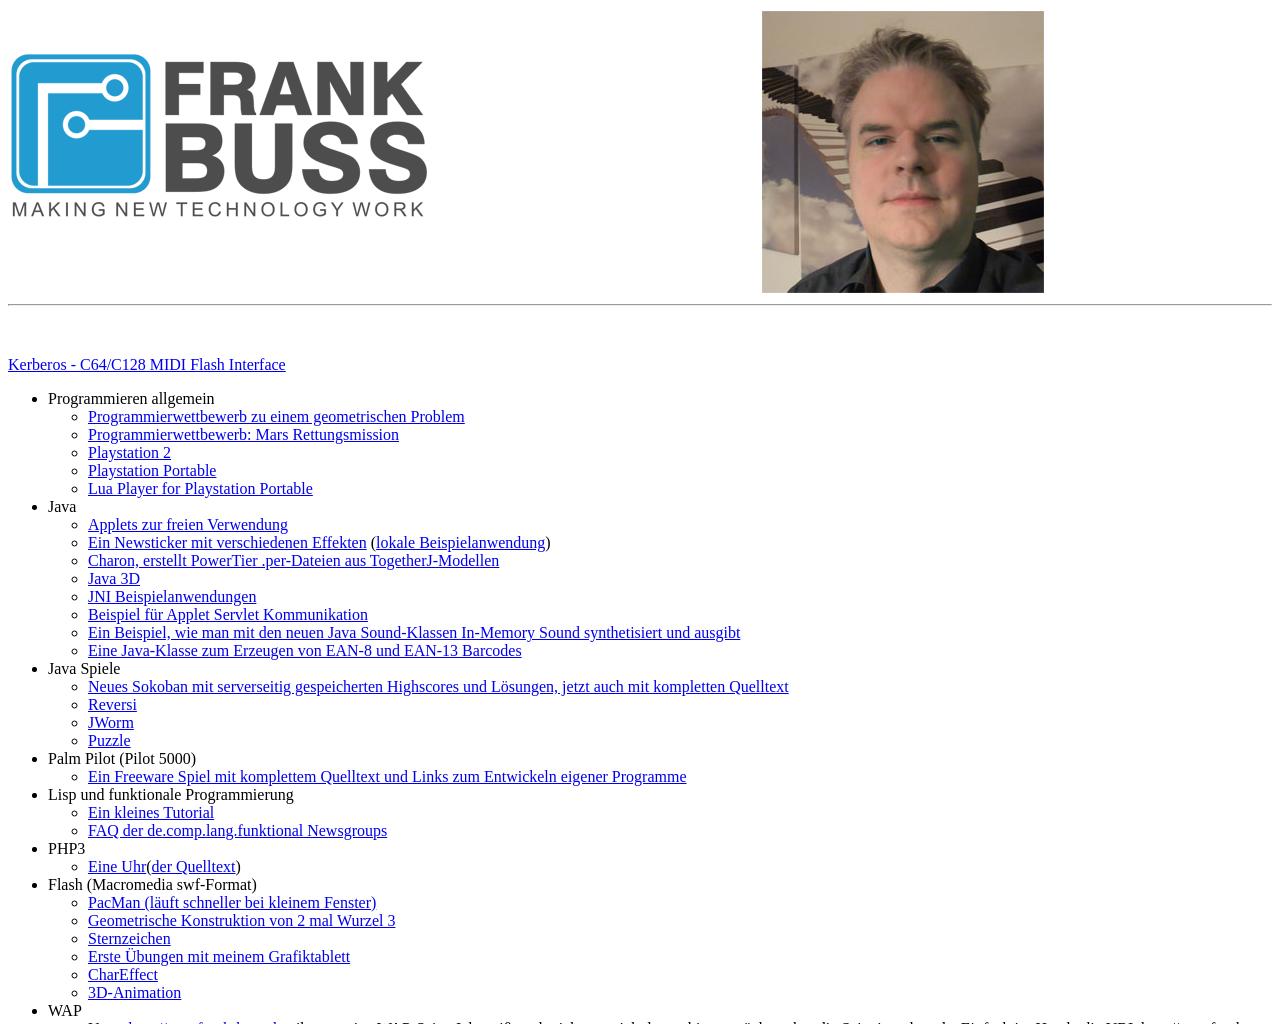 frank-buss.de